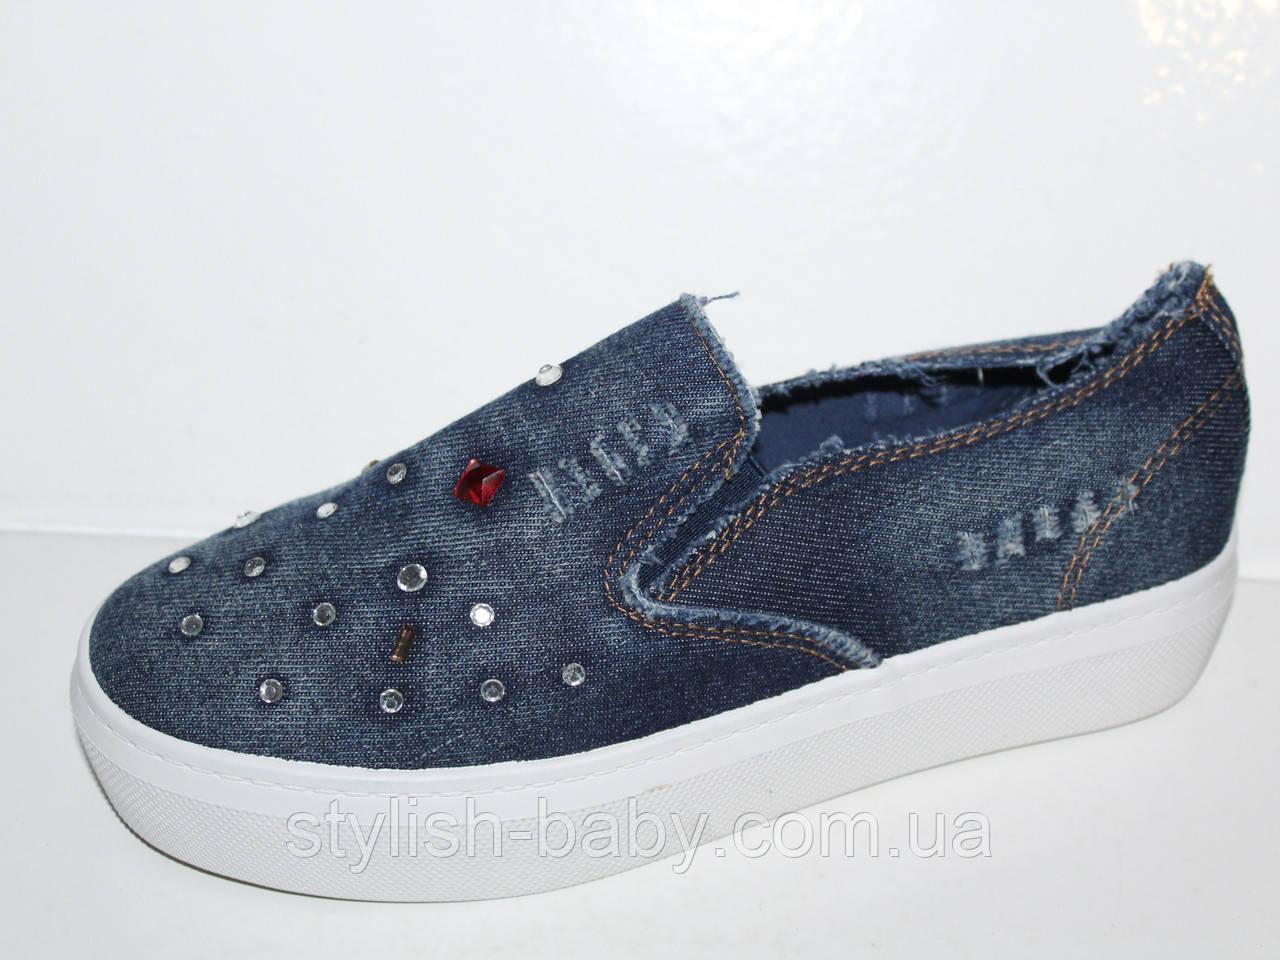 Детская обувь оптом. Детские кеды - слипоны бренда Tom.m для девочек (рр. с 33 по 38)